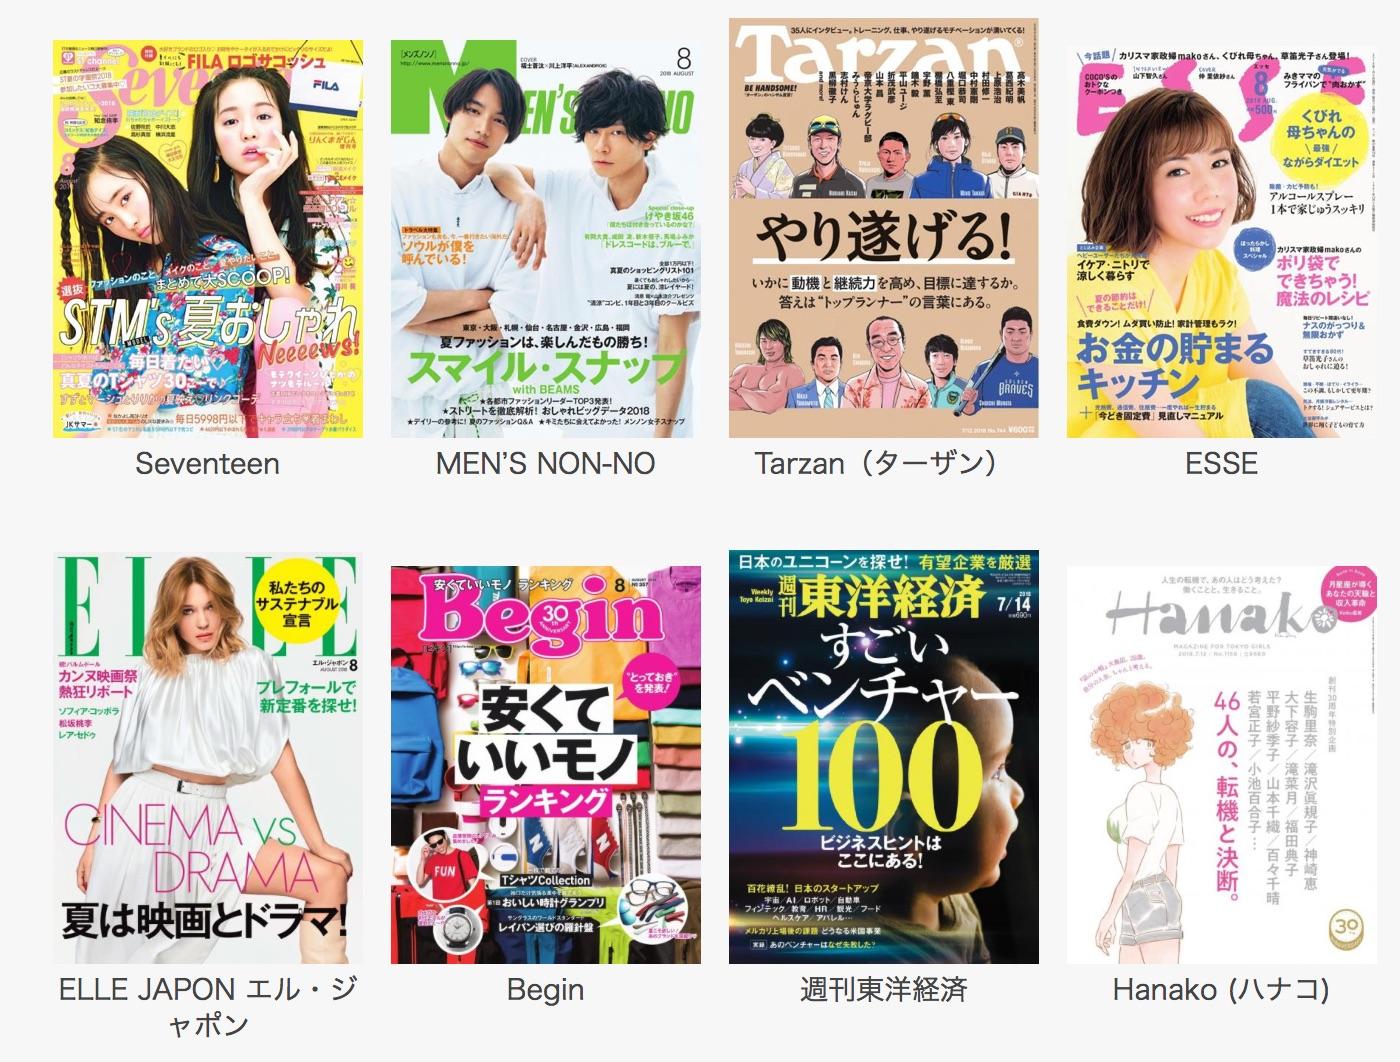 フジテレビの動画配信サービス-電子書籍